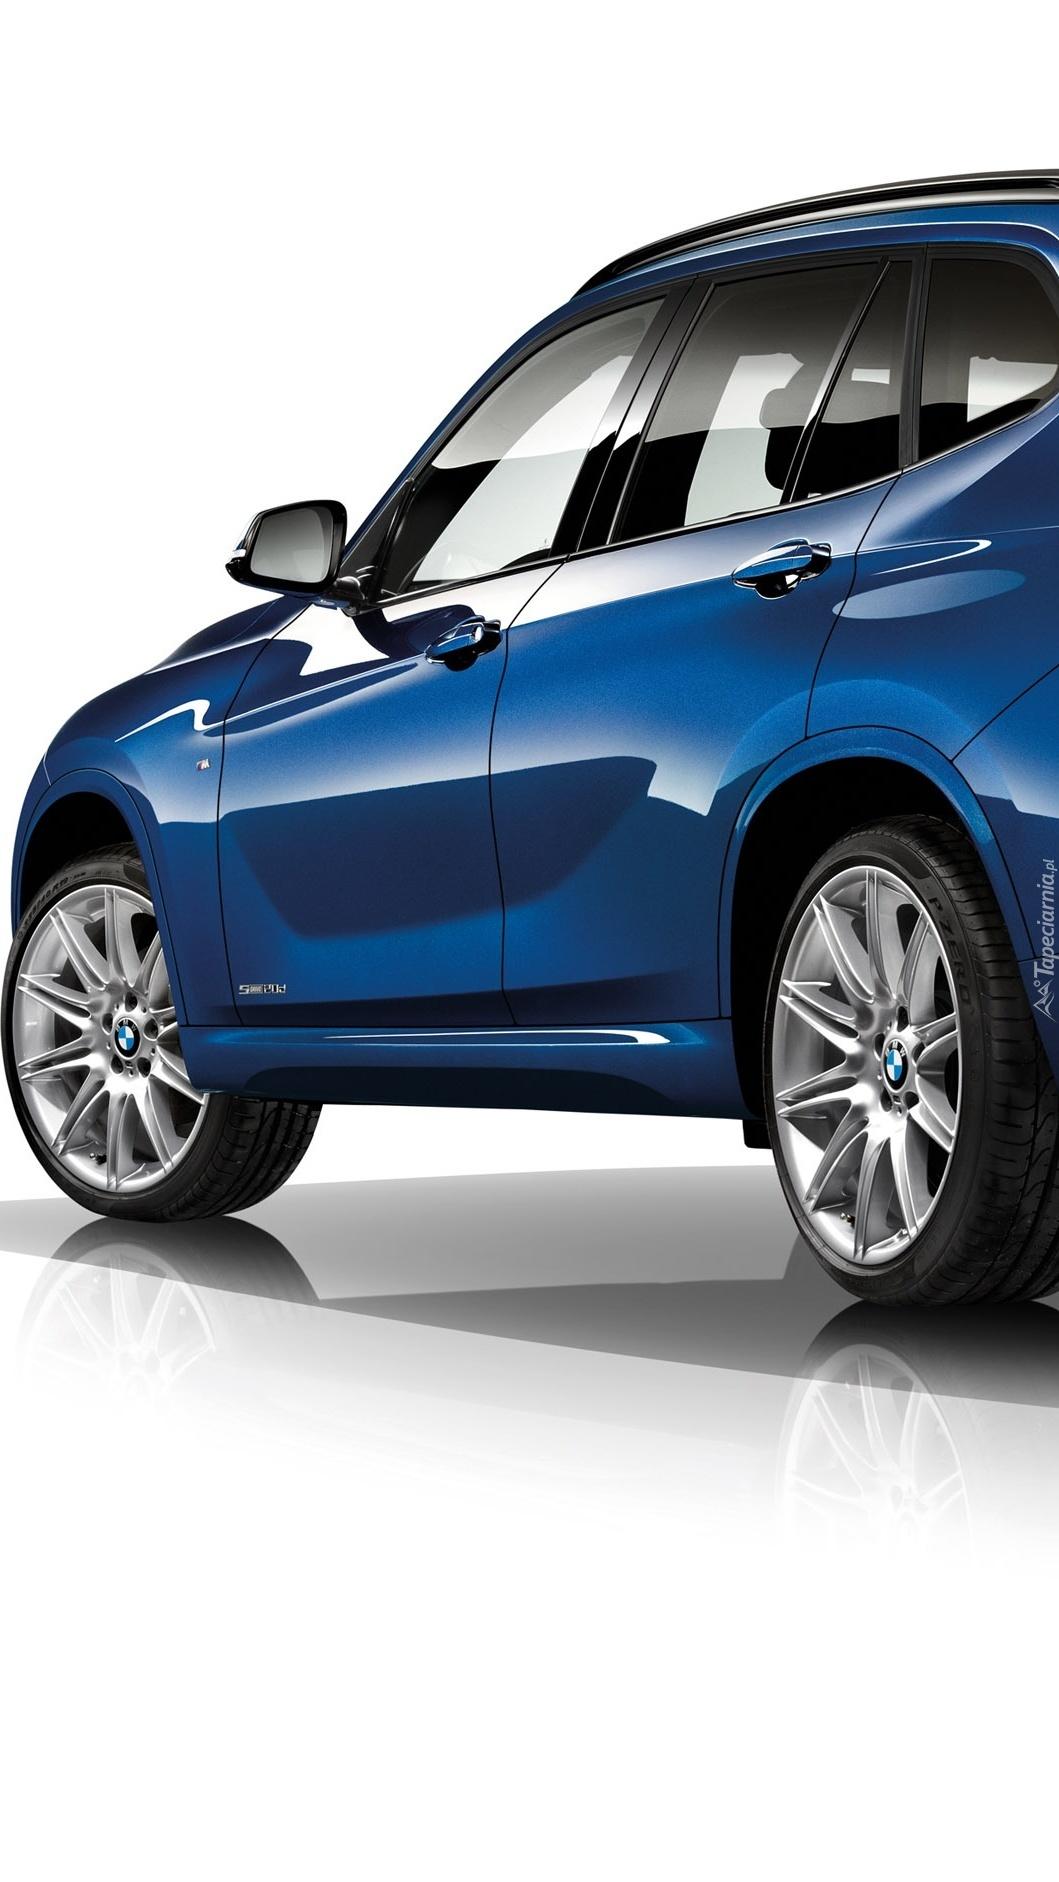 BMW X1 w niebieskim kolorze